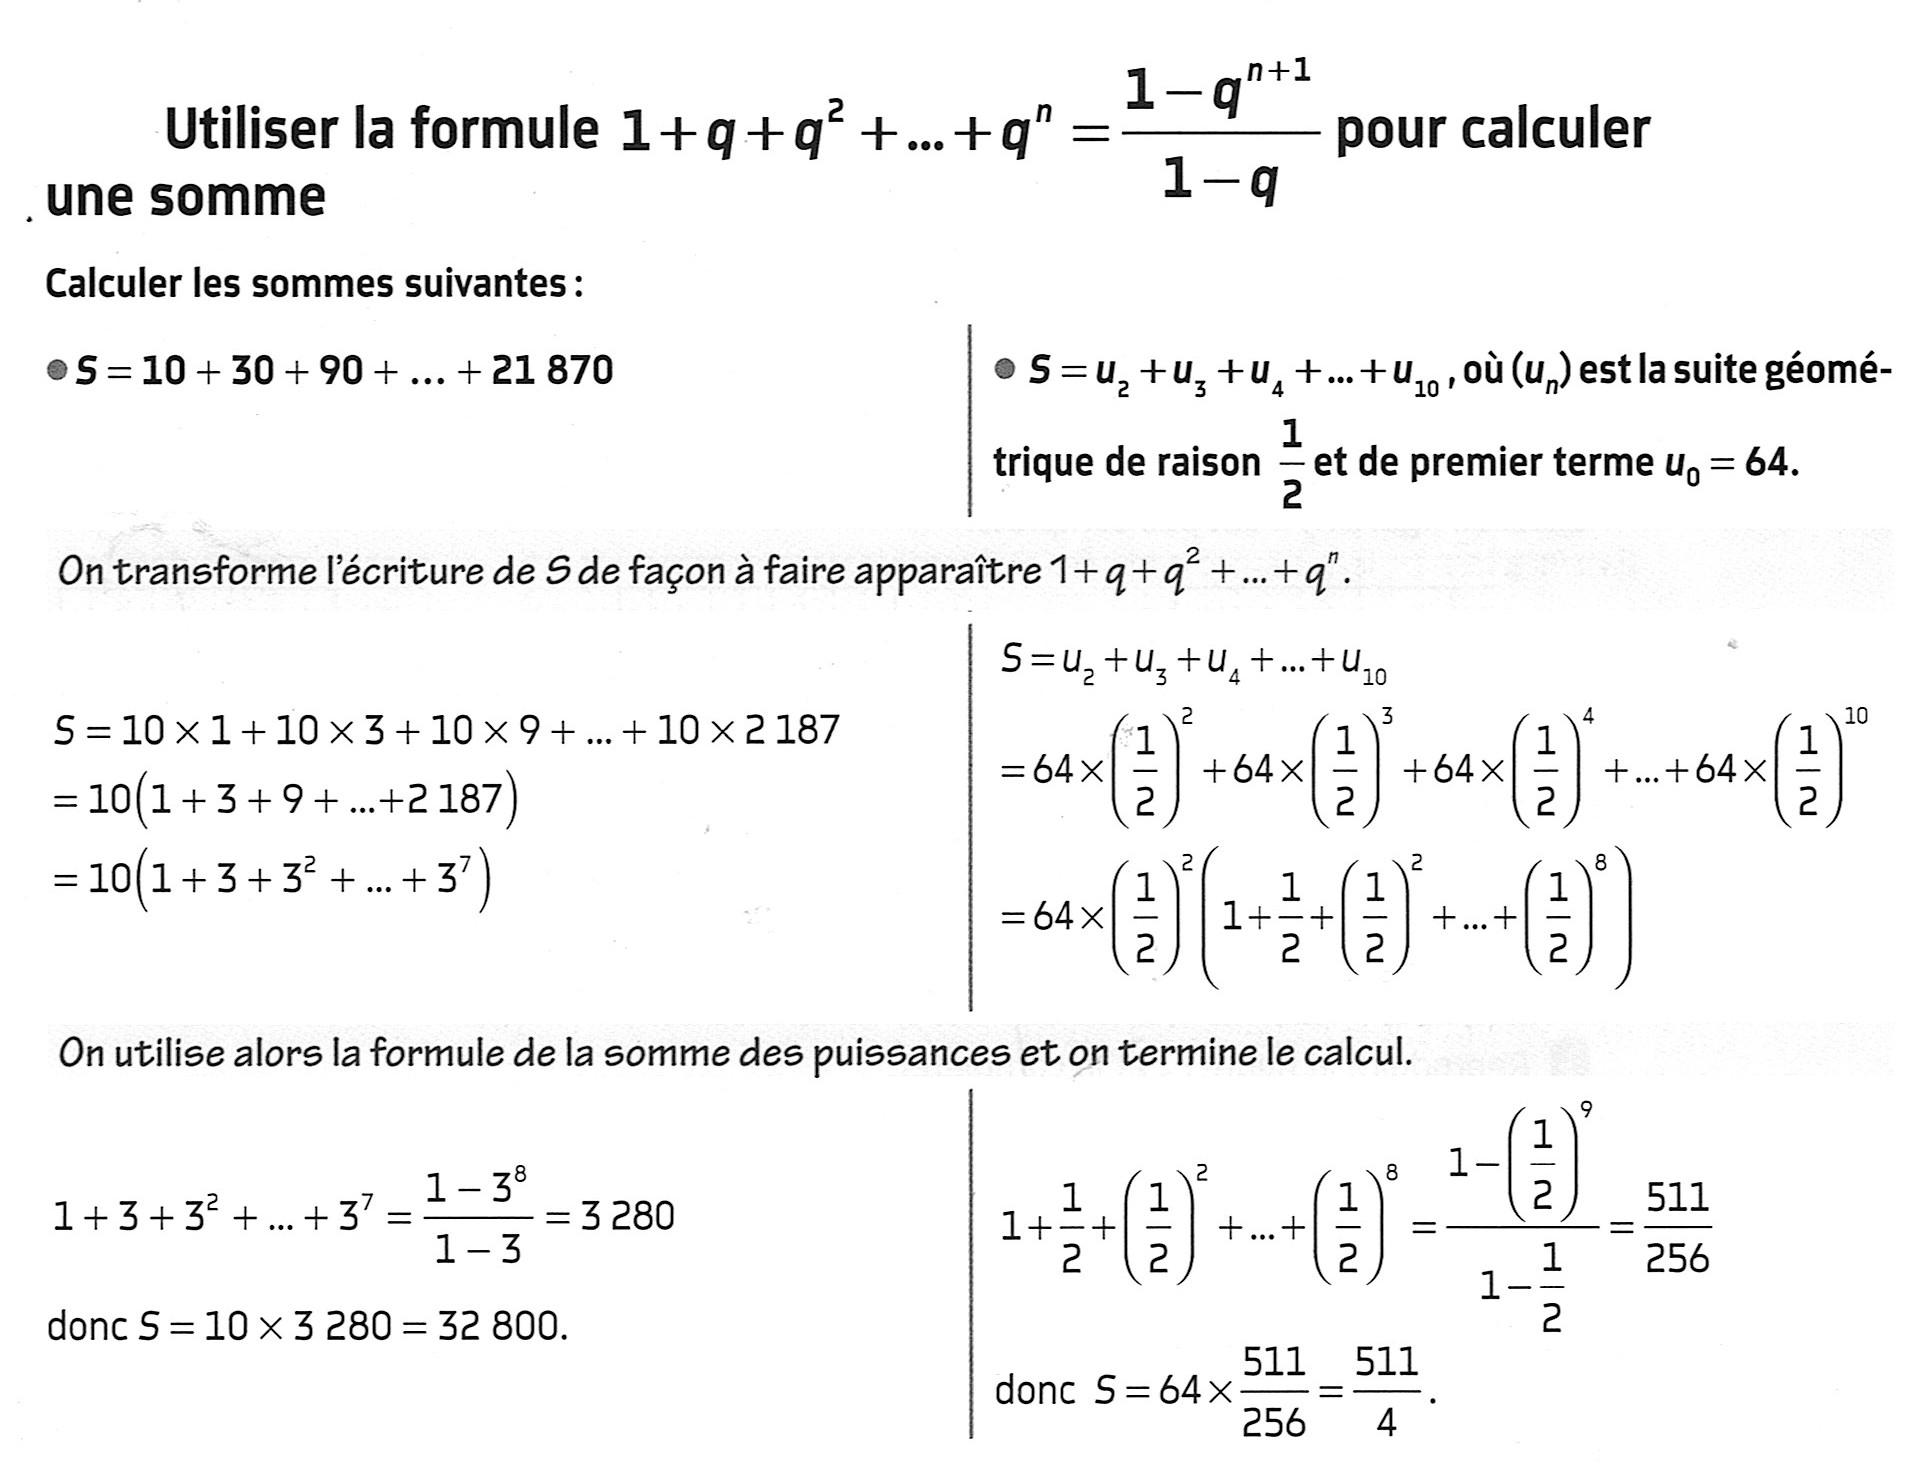 Utiliser la formule de la somme puissances succéssives